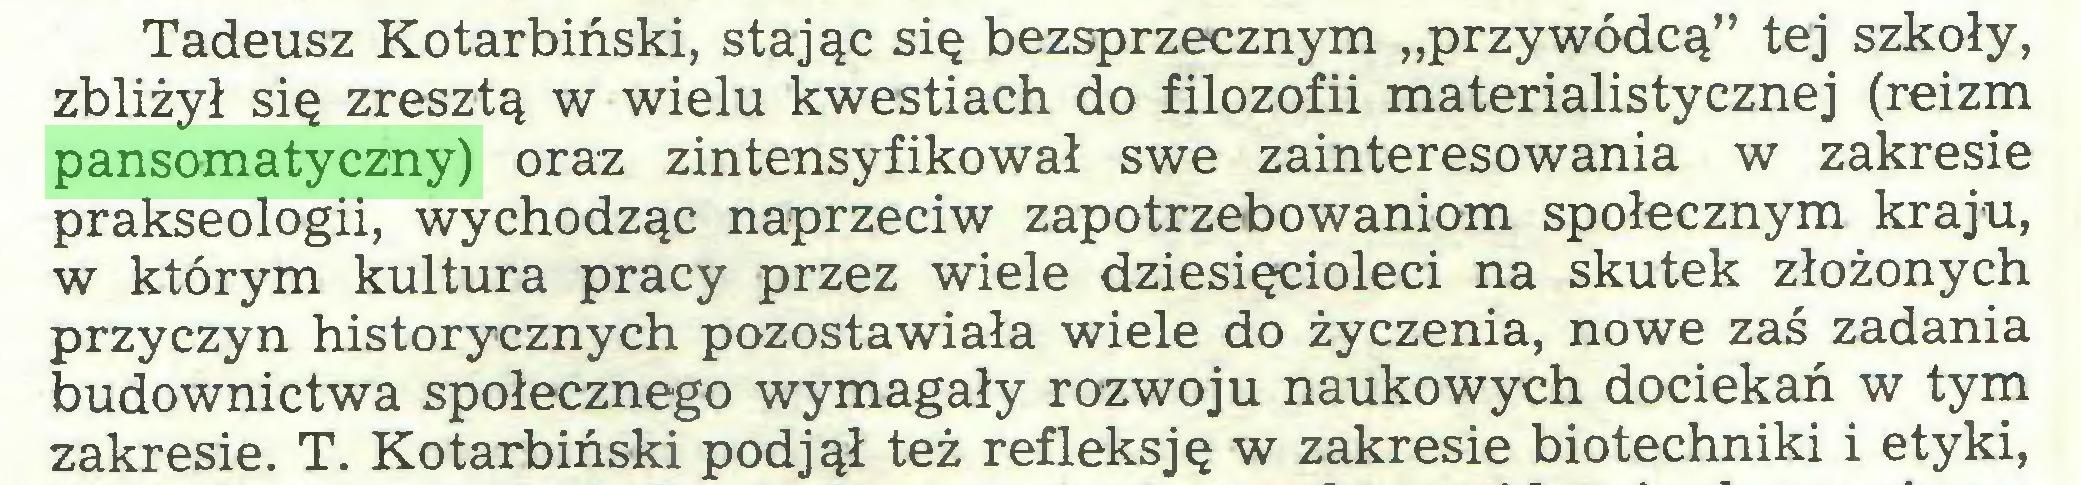 """(...) Tadeusz Kotarbiński, stając się bezsprzecznym """"przywódcą"""" tej szkoły, zbliżył się zresztą w wielu kwestiach do filozofii materialistycznej (reizm pansomatyczny) oraz zintensyfikował swe zainteresowania w zakresie prakseologii, wychodząc naprzeciw zapotrzebowaniom społecznym kraju, w którym kultura pracy przez wiele dziesięcioleci na skutek złożonych przyczyn historycznych pozostawiała wiele do życzenia, nowe zaś zadania budownictwa społecznego wymagały rozwoju naukowych dociekań w tym zakresie. T. Kotarbiński podjął też refleksję w zakresie biotechniki i etyki,..."""